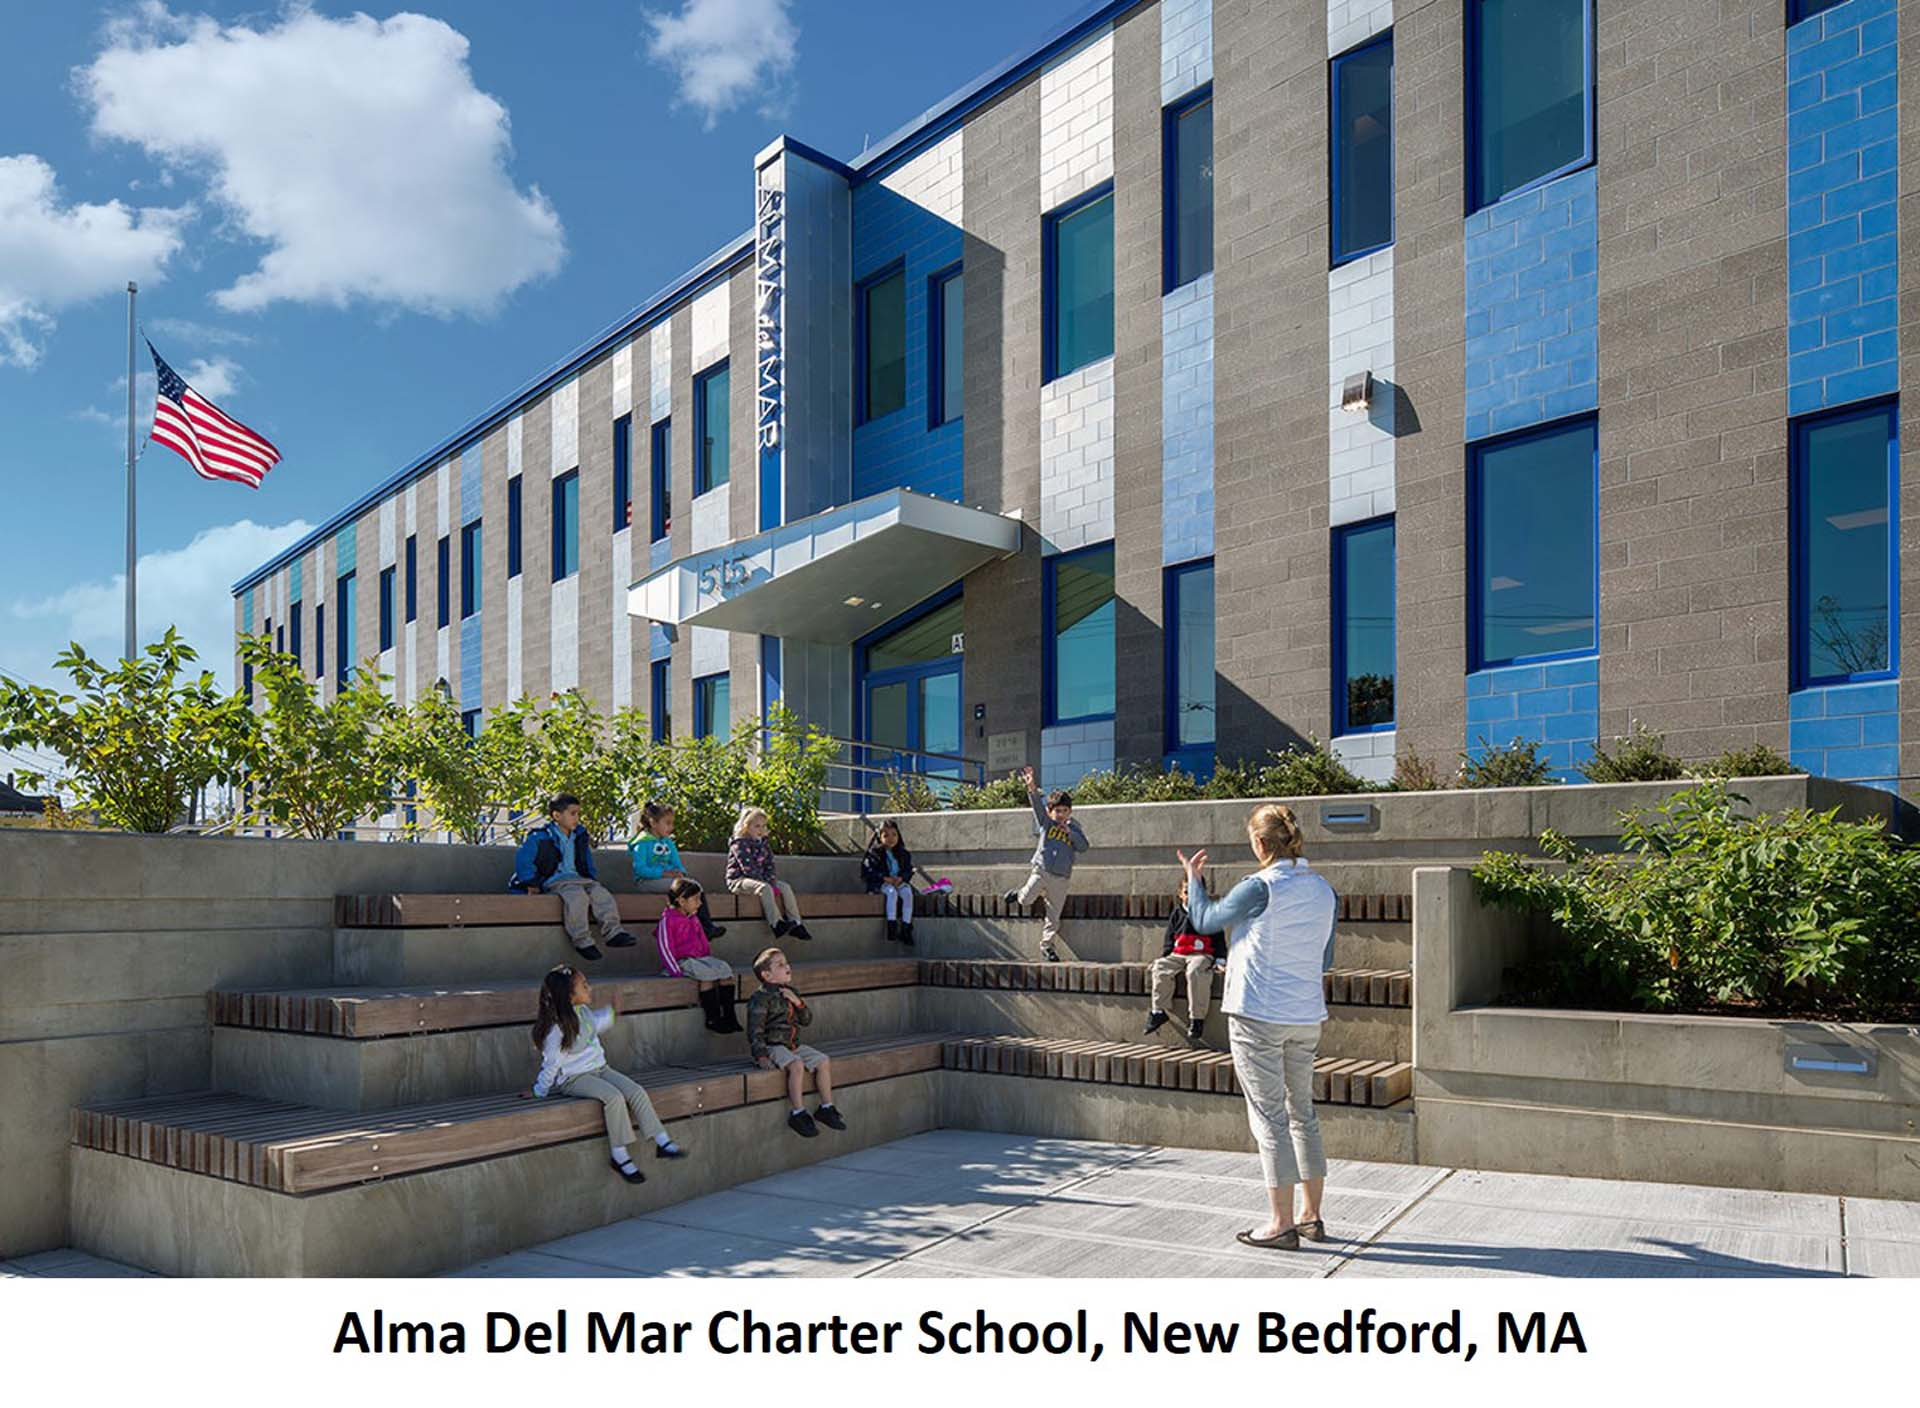 Alma Del Mar Charter School New Bedford MA